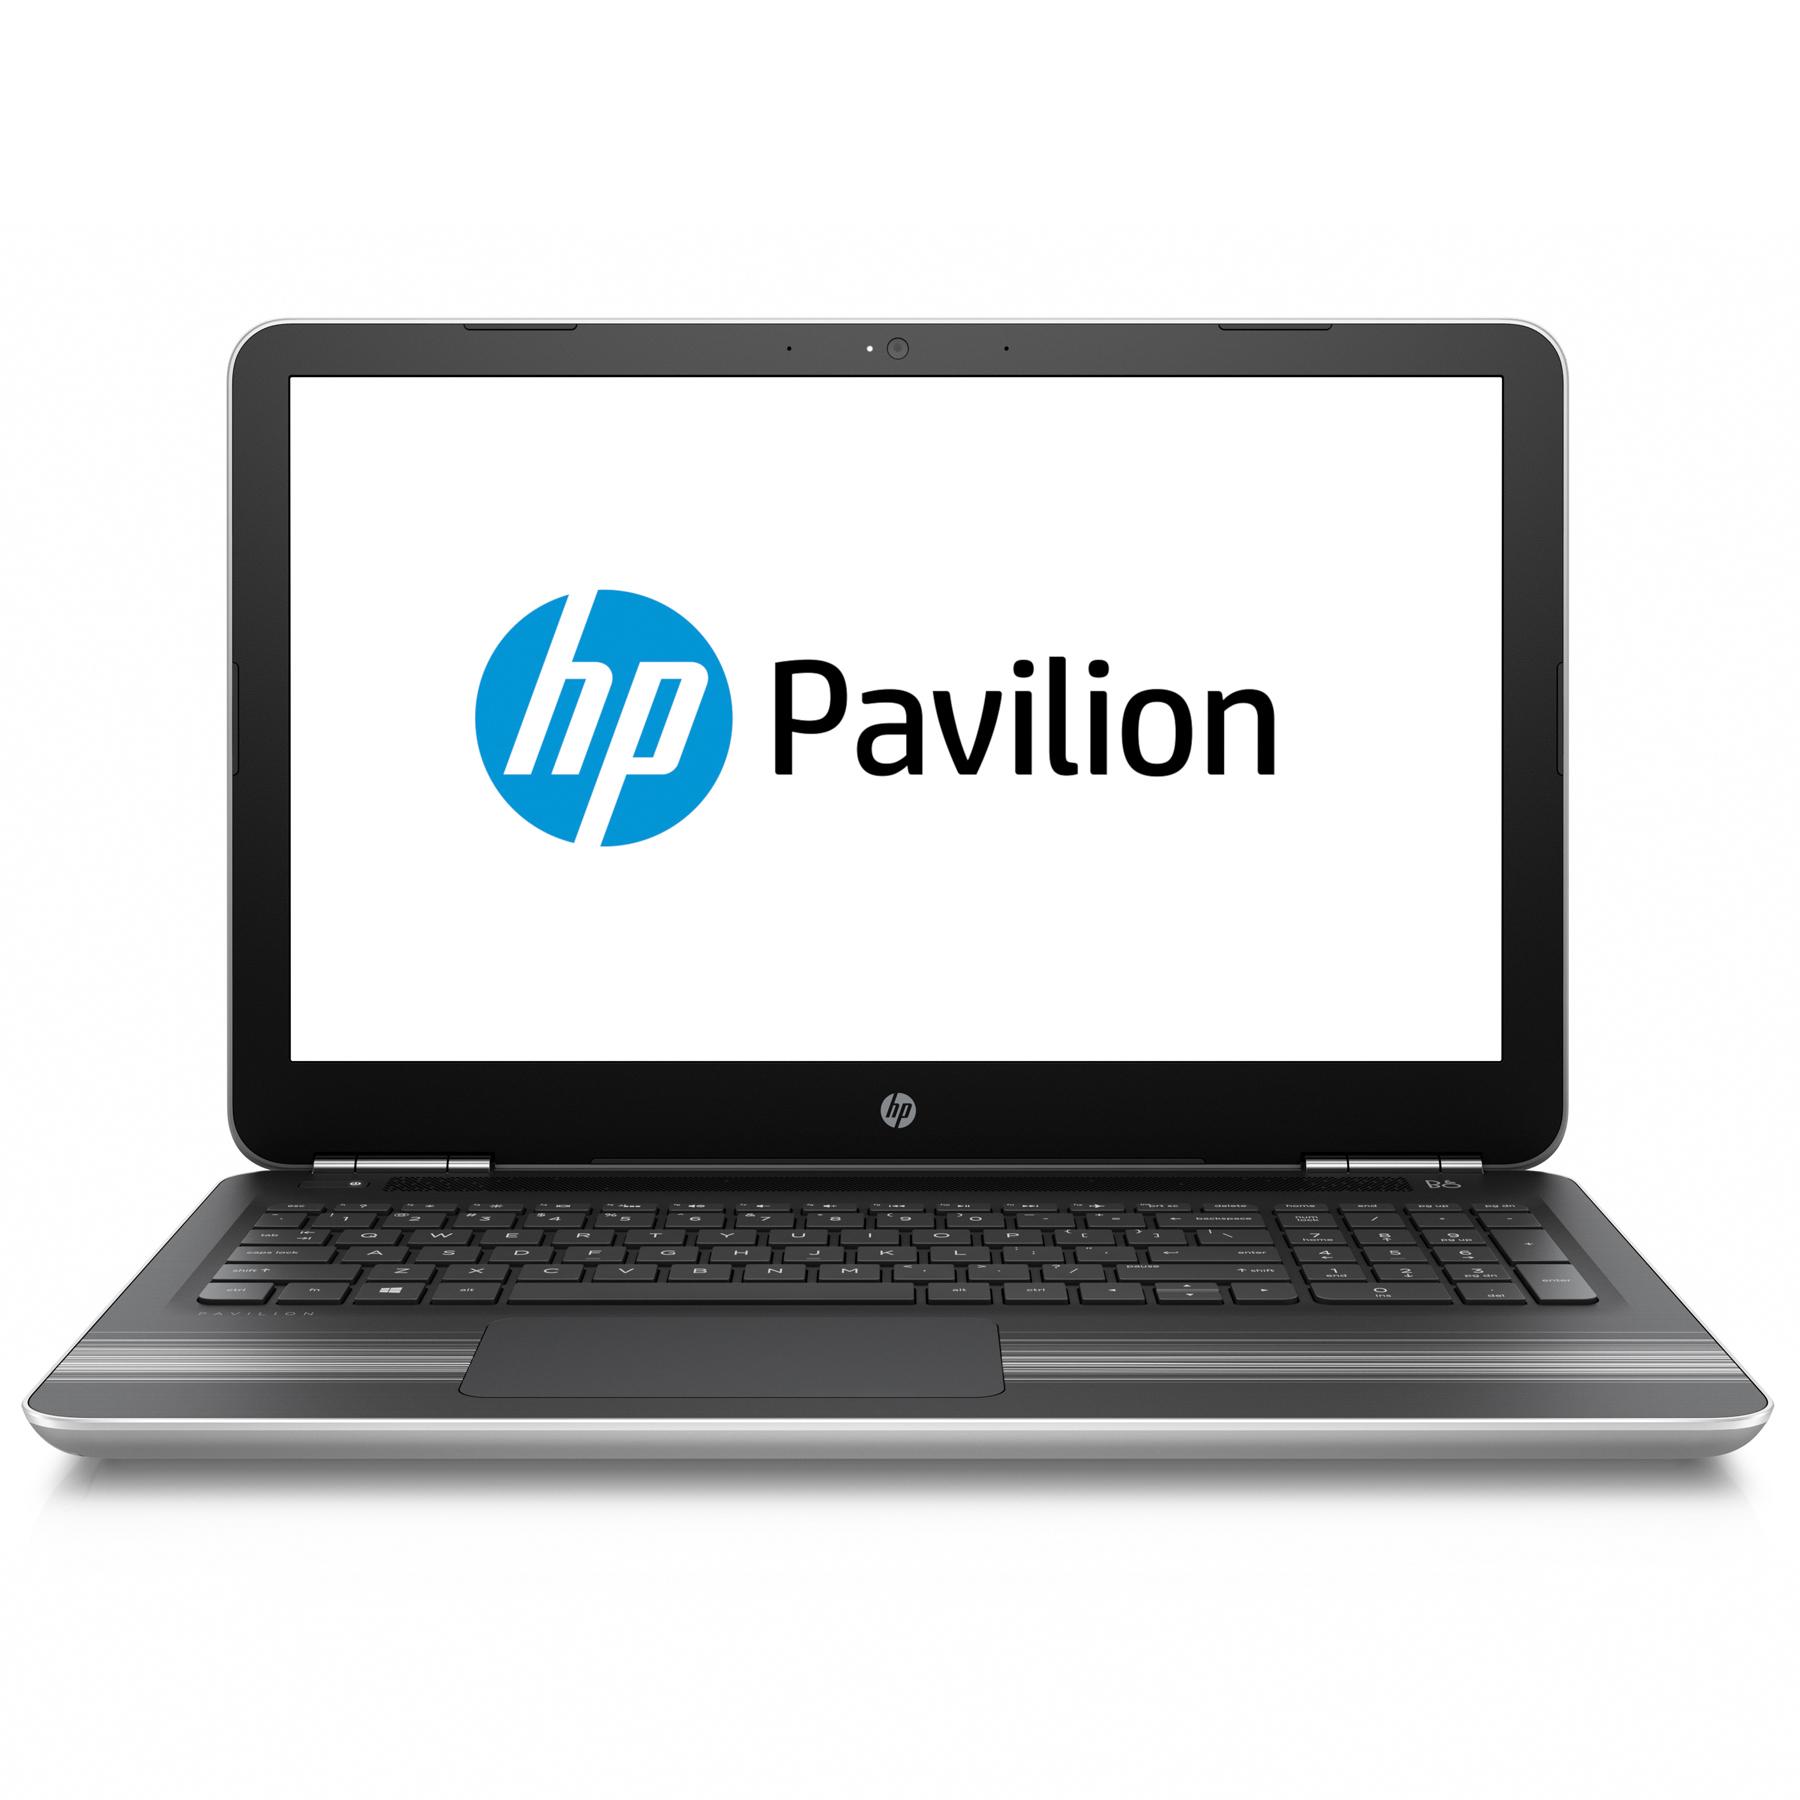 """HP Pavilion 15-au014ng / 15,6"""" Full-HD IPS Display / Intel Core i7-6500U / 8GB / 256GB SSD / GeForce 940MX (4GB) / Win 10"""